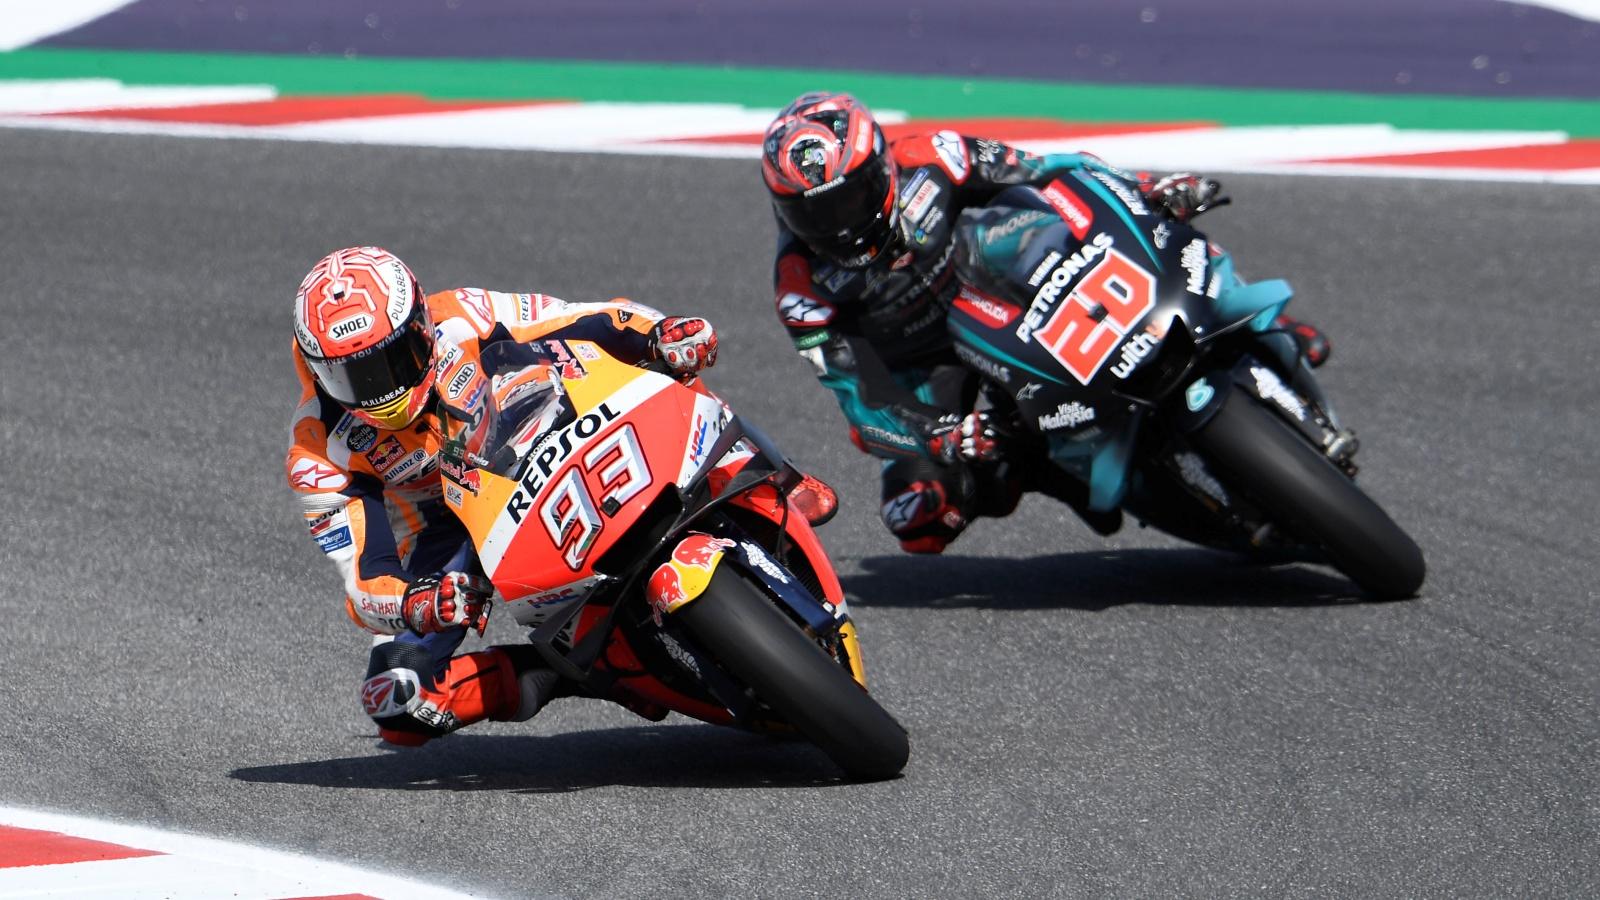 Píldoras MotoGP Misano 2019: SuperSuz24, un nuevo emperador y la 93ª dimensión